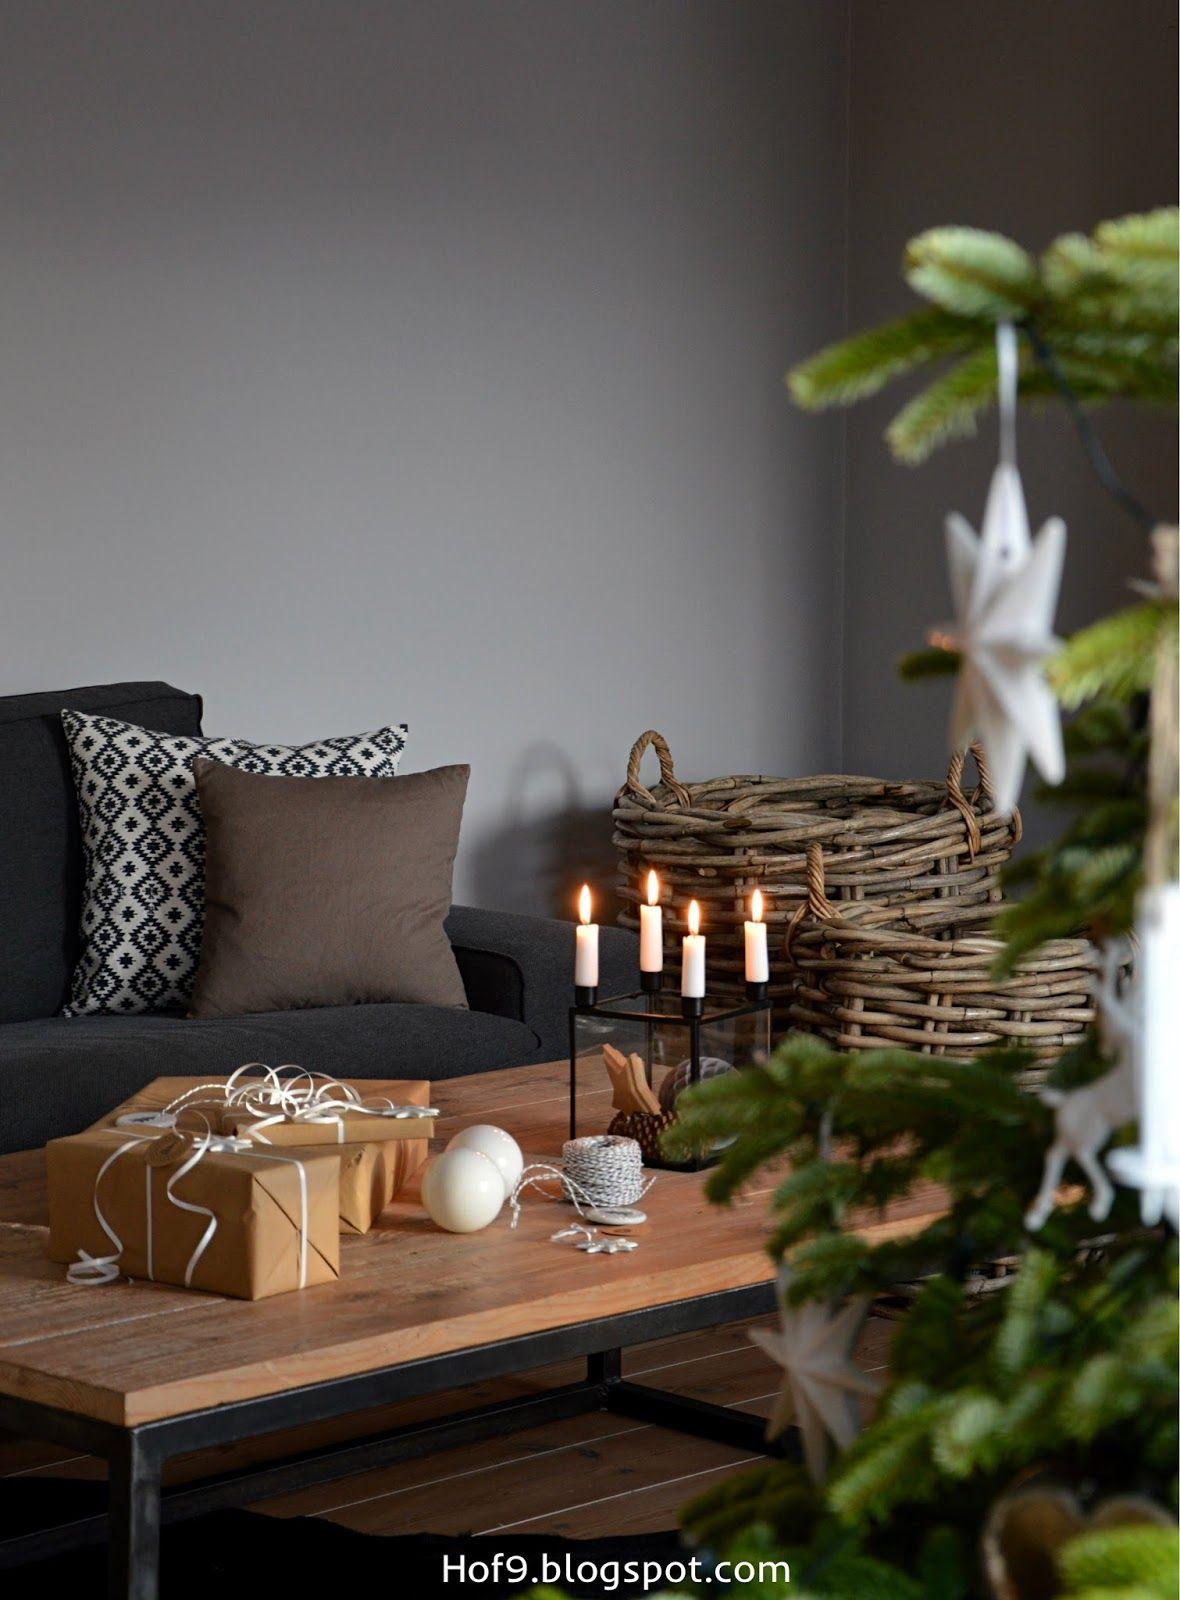 Weihnachtsdeko In Weiss Und Silber Weihnachtsbaum Mit Weissem Schmuck